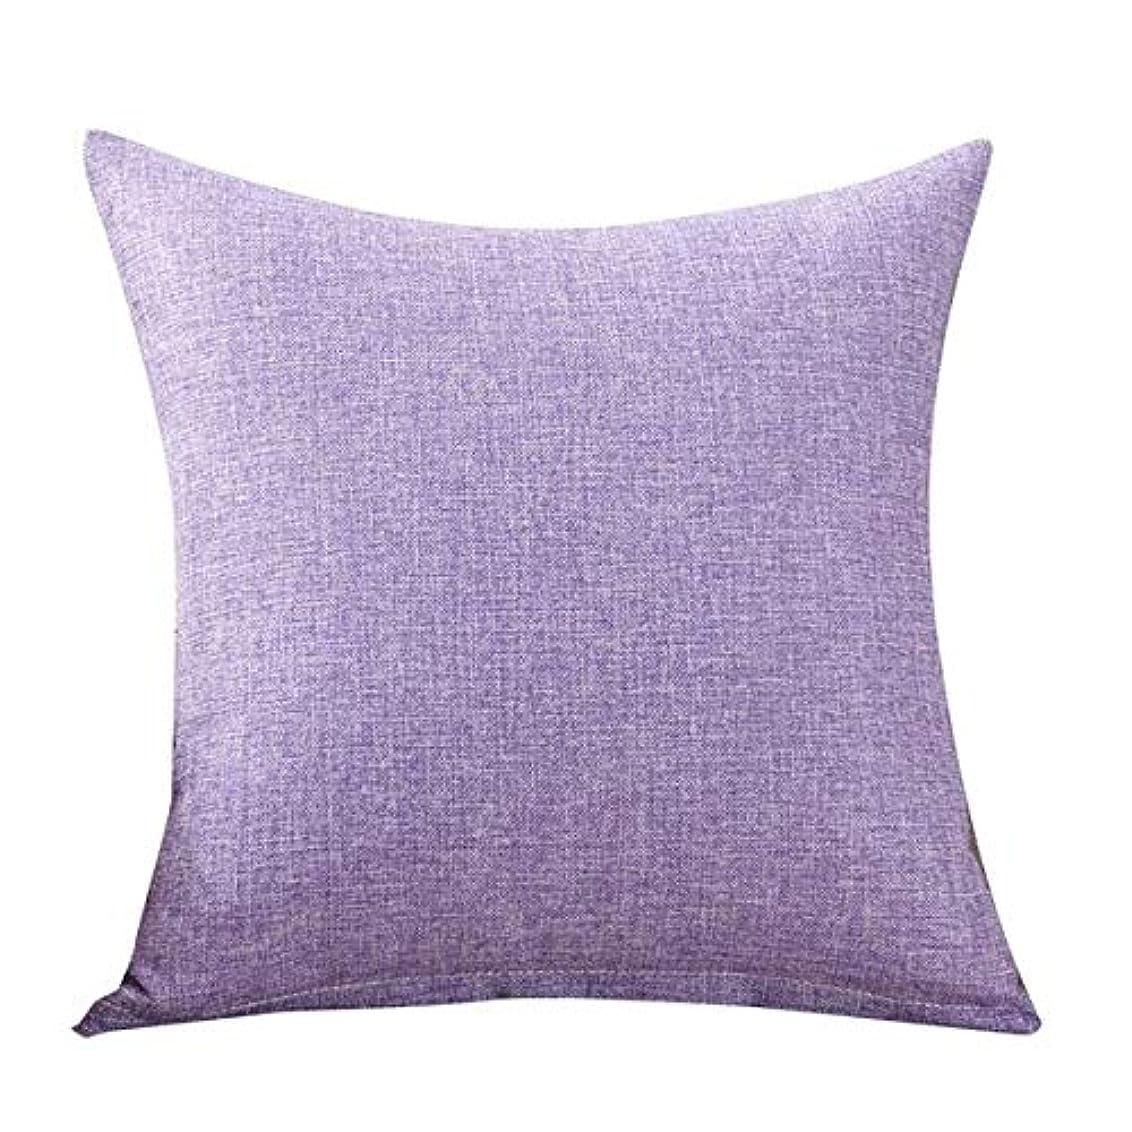 ミネラル感度感度LIFE クリエイティブシンプルなファッションスロー枕クッションカフェソファクッションのホームインテリア z0403# G20 クッション 椅子